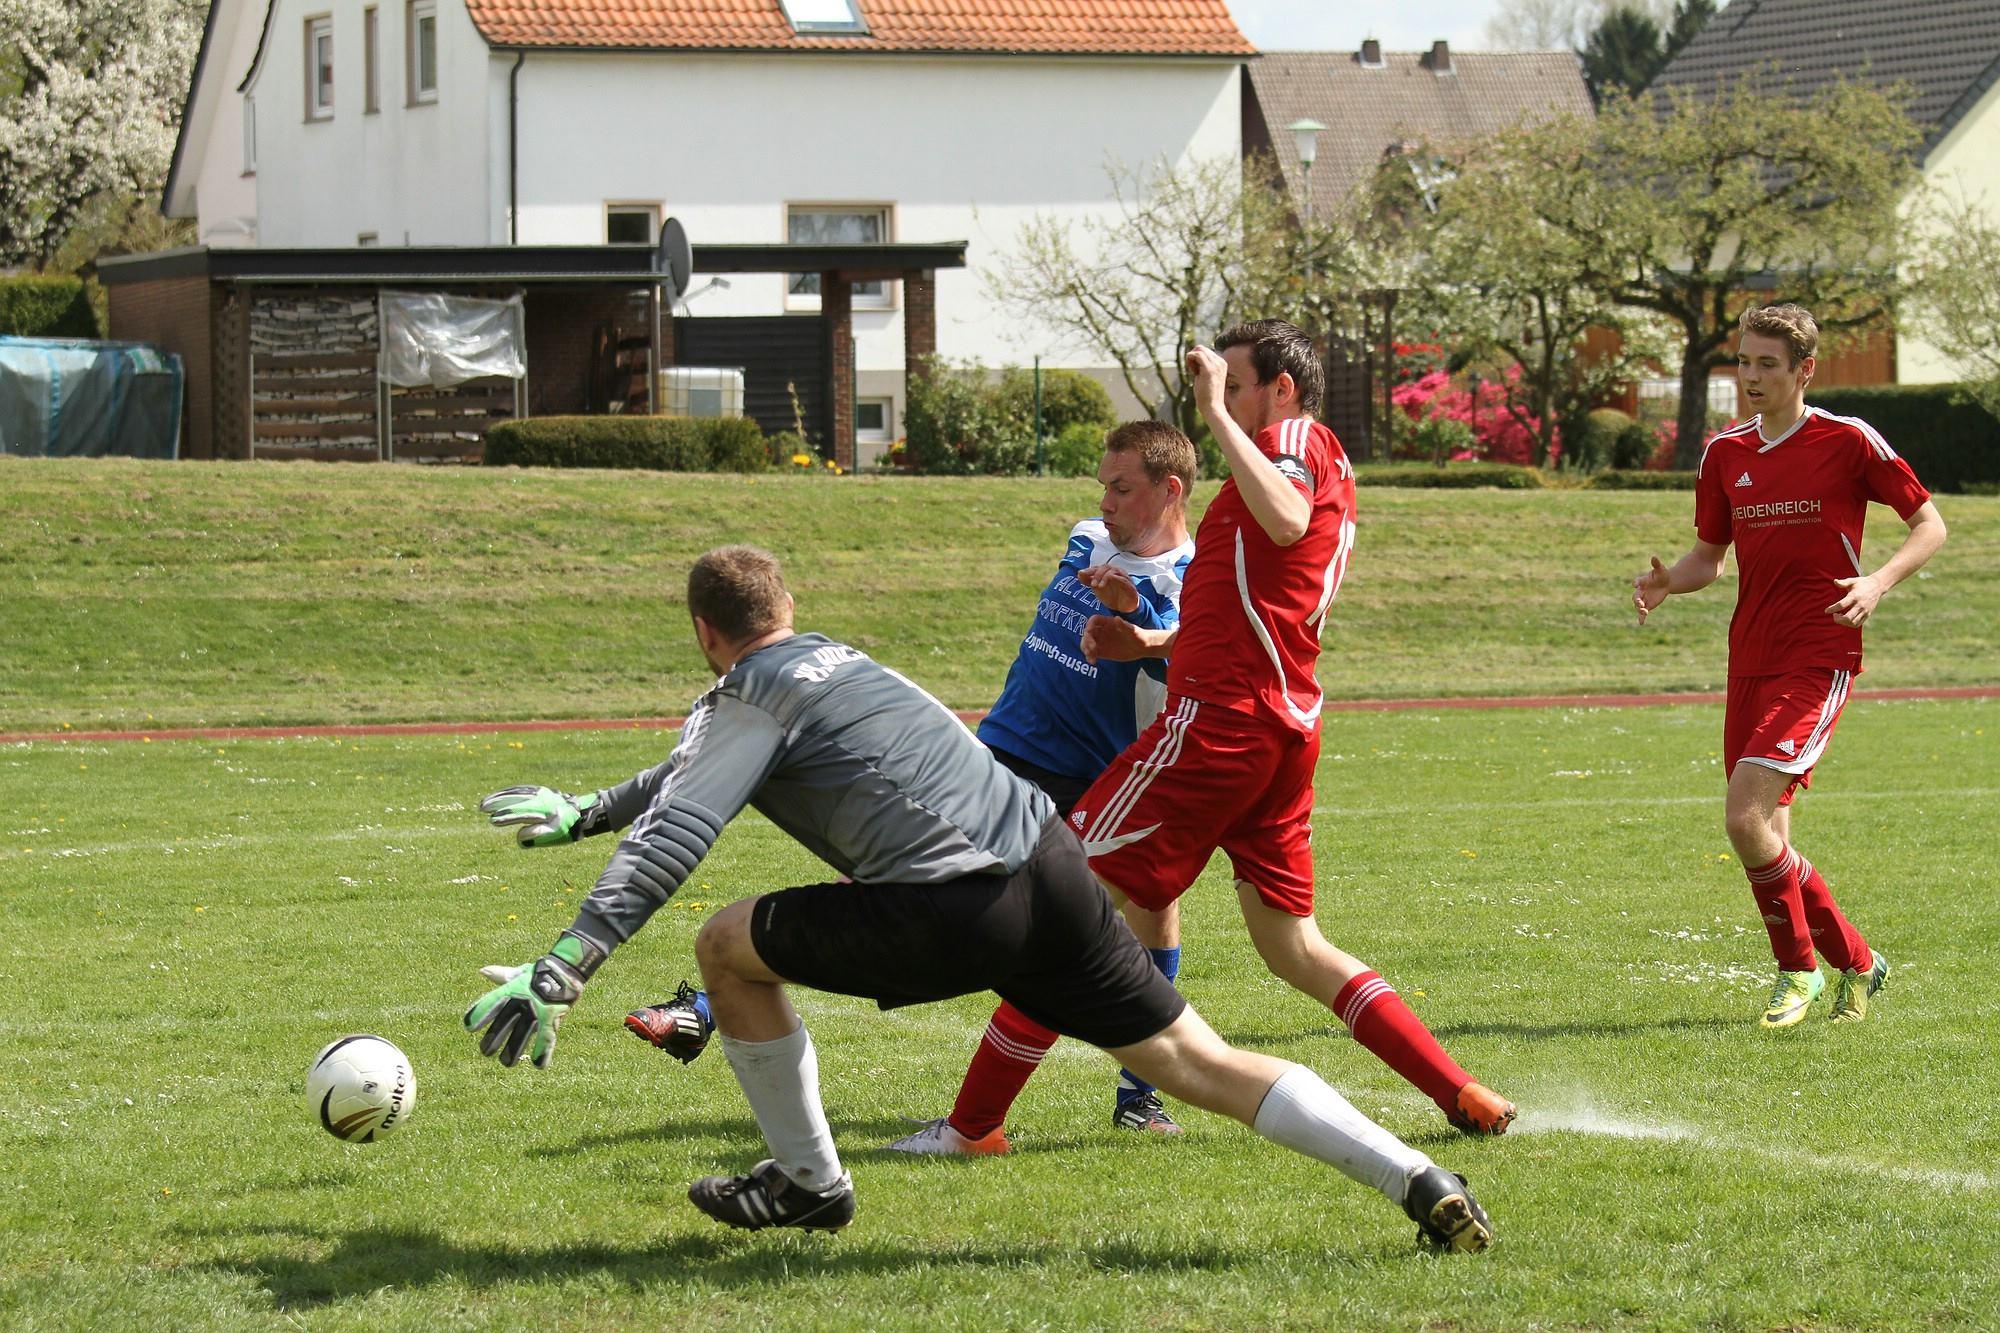 Das zweite Tor: Marcel Höcker (blaues Trikot) schaltet schneller als seine Holsener Widersacher und erzielt den 2:1-Zwischenstand. Foto: Jens Göbel